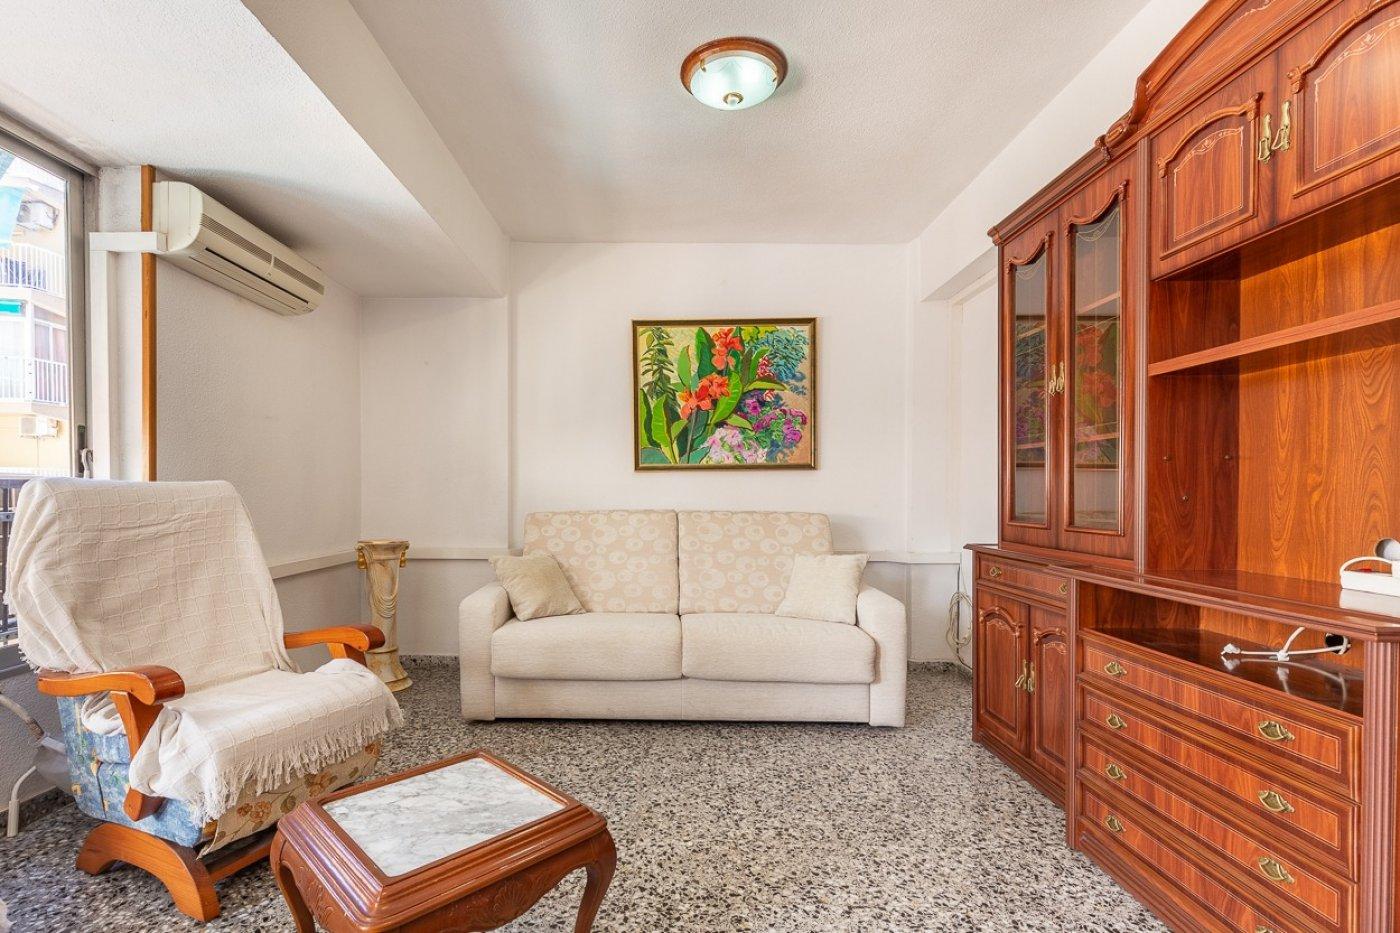 Piso de 2 dormitorios (3 de origen), en pleno centro de Benidorm. A 500 metros de la playa. 6